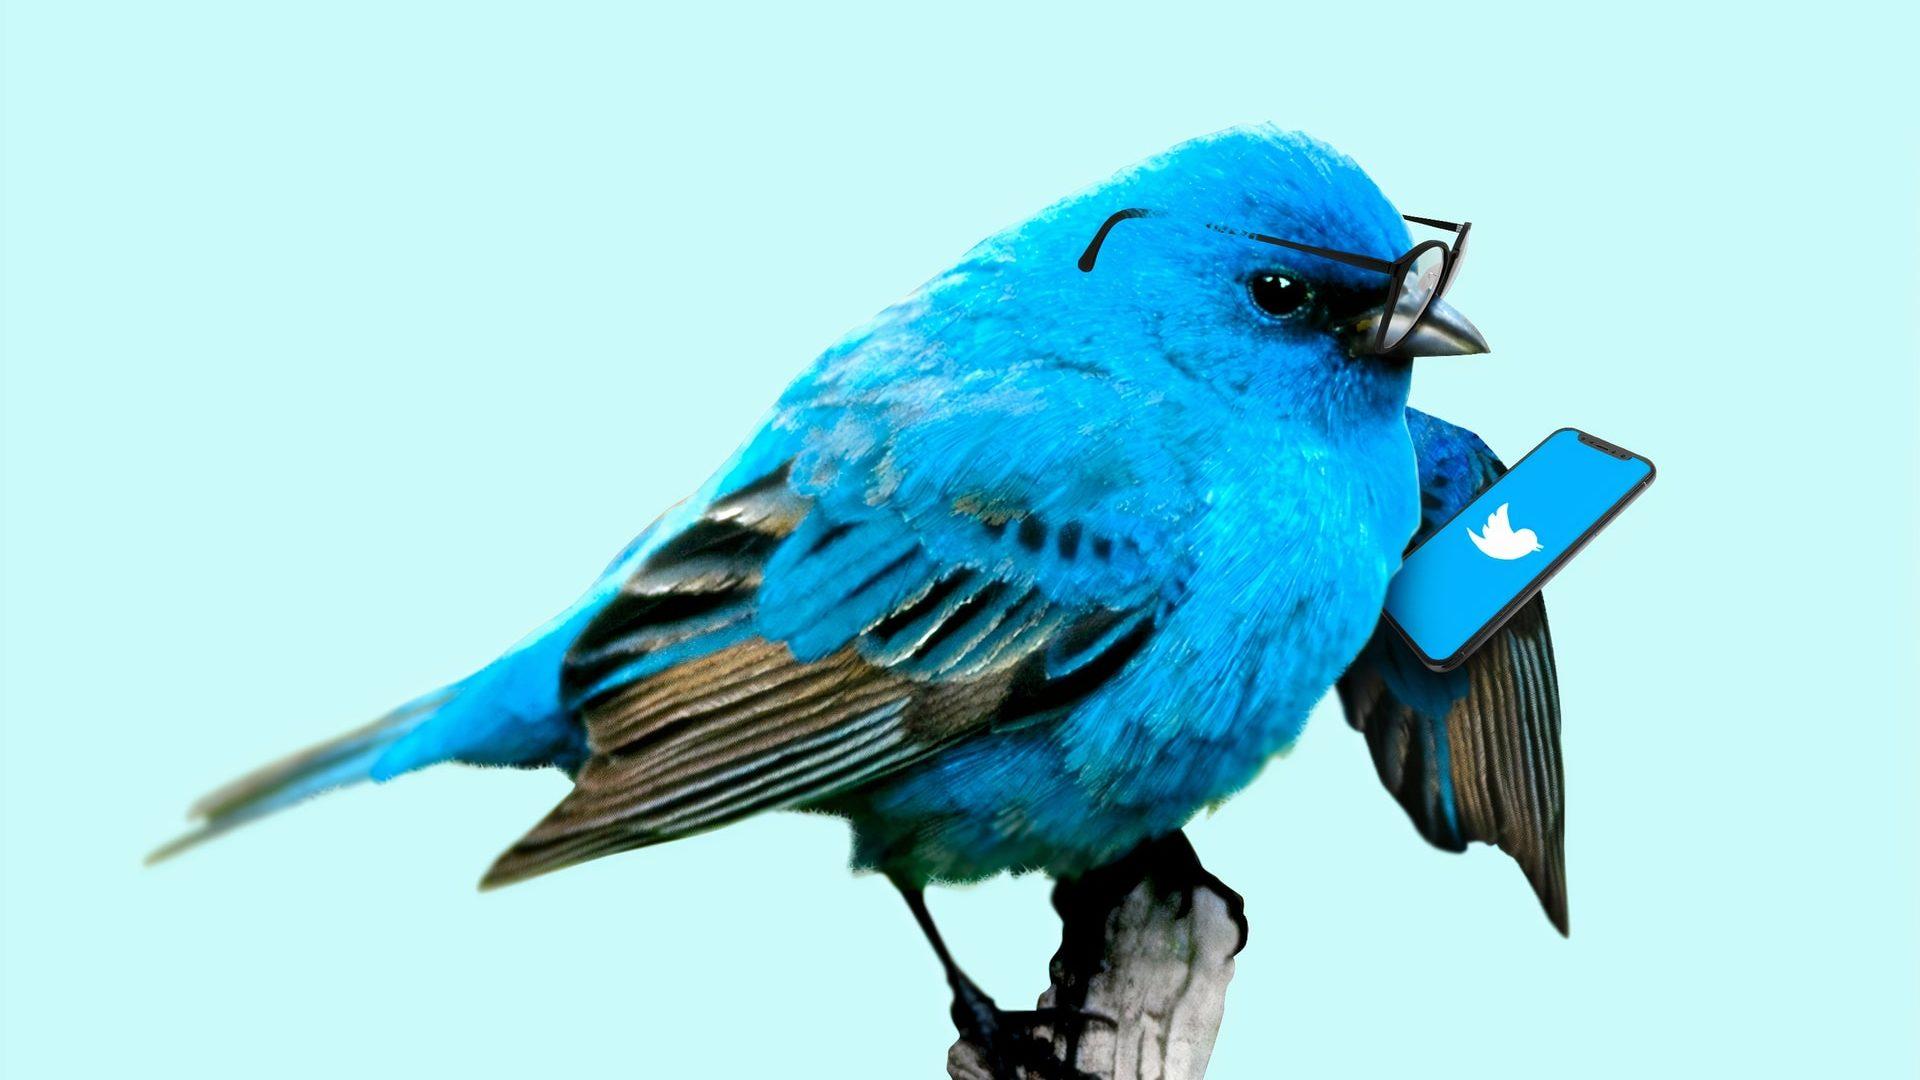 鳥がTwitterをしている